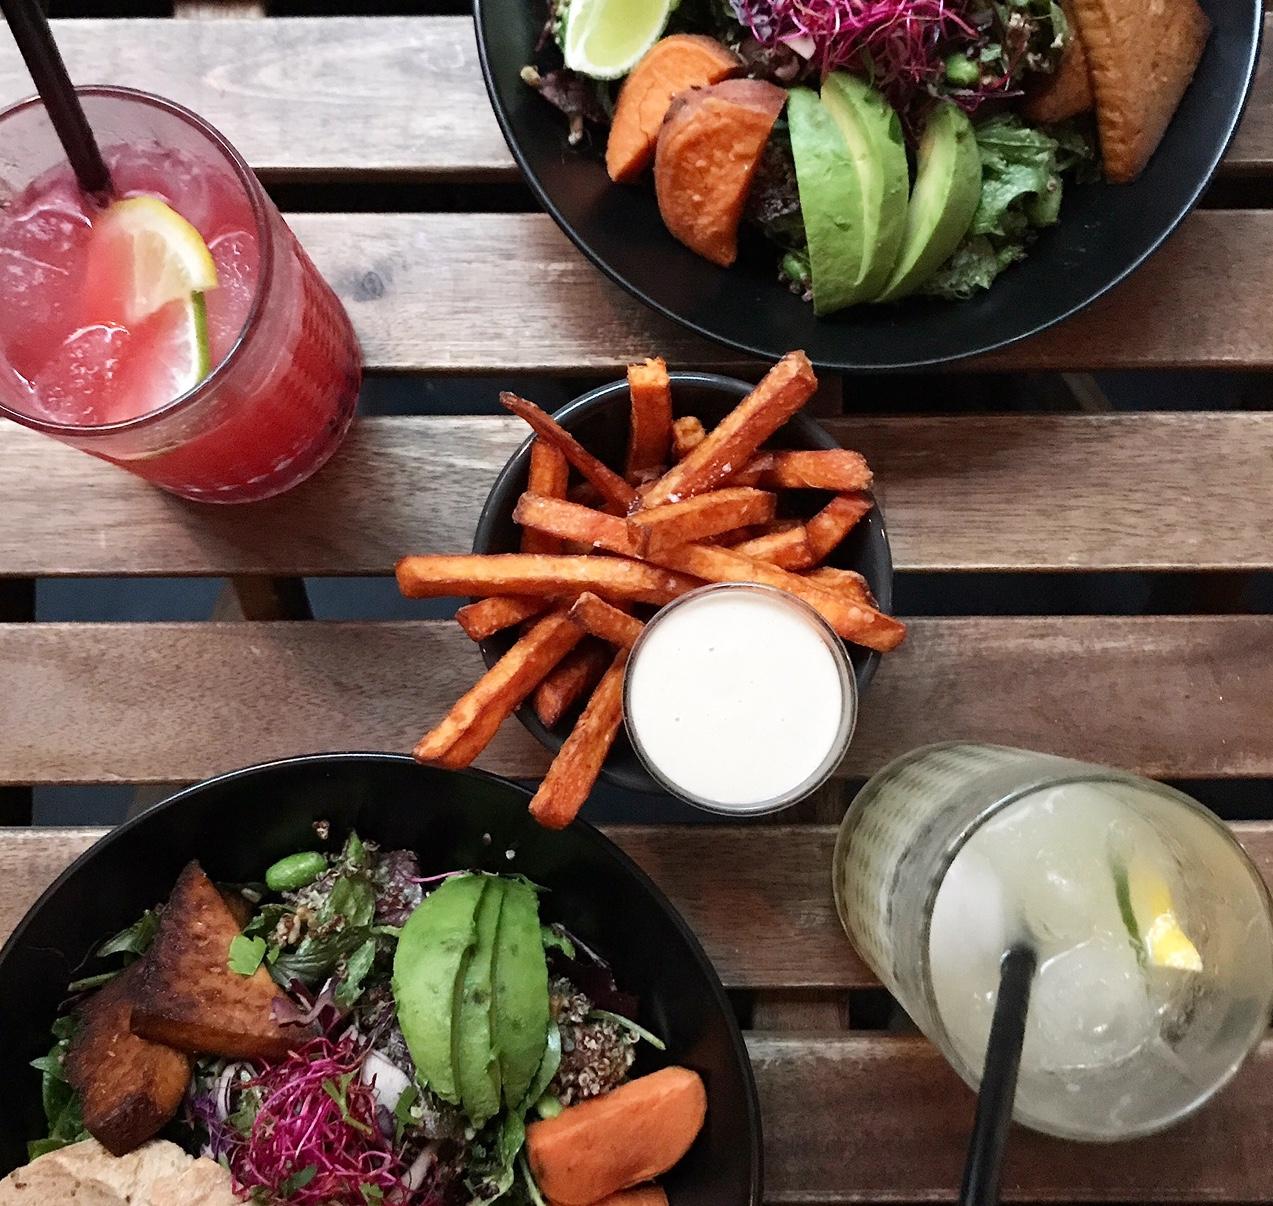 Souls østerbro københavn vegansk mad restaurant urbannotes.dk